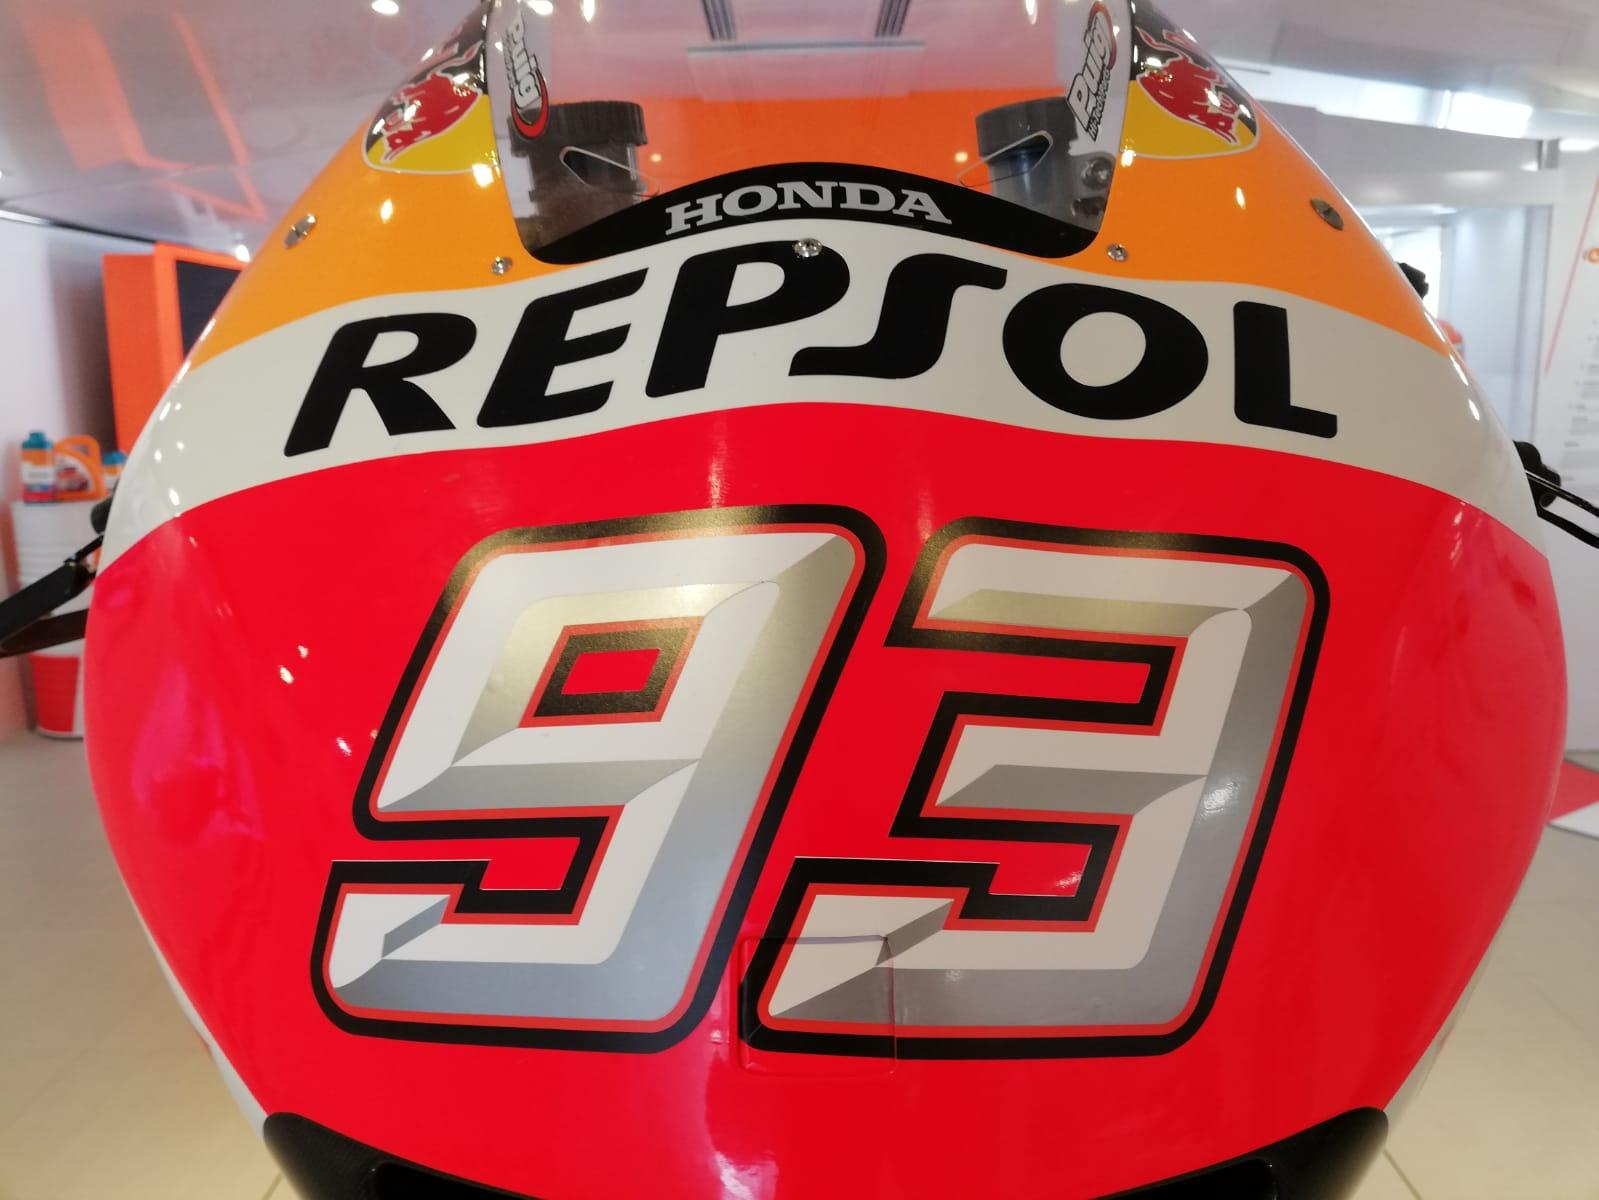 Exposición 'Repsol Racing Tour' en León